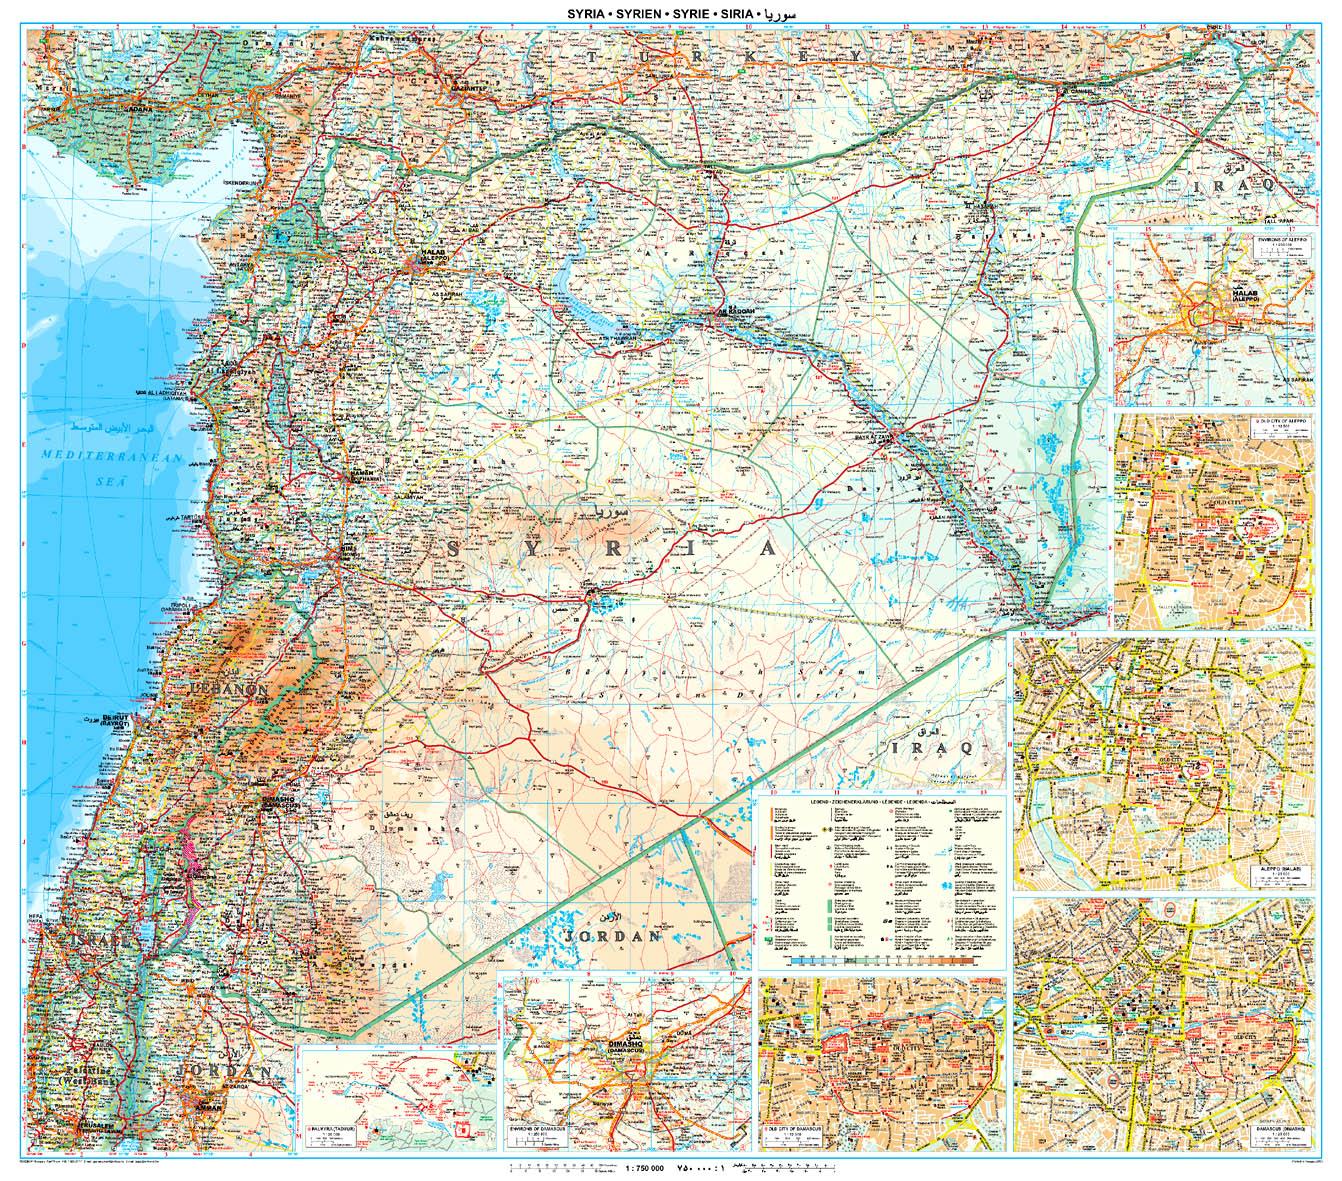 A Szíria-Libanon térkép általa lefedett terület